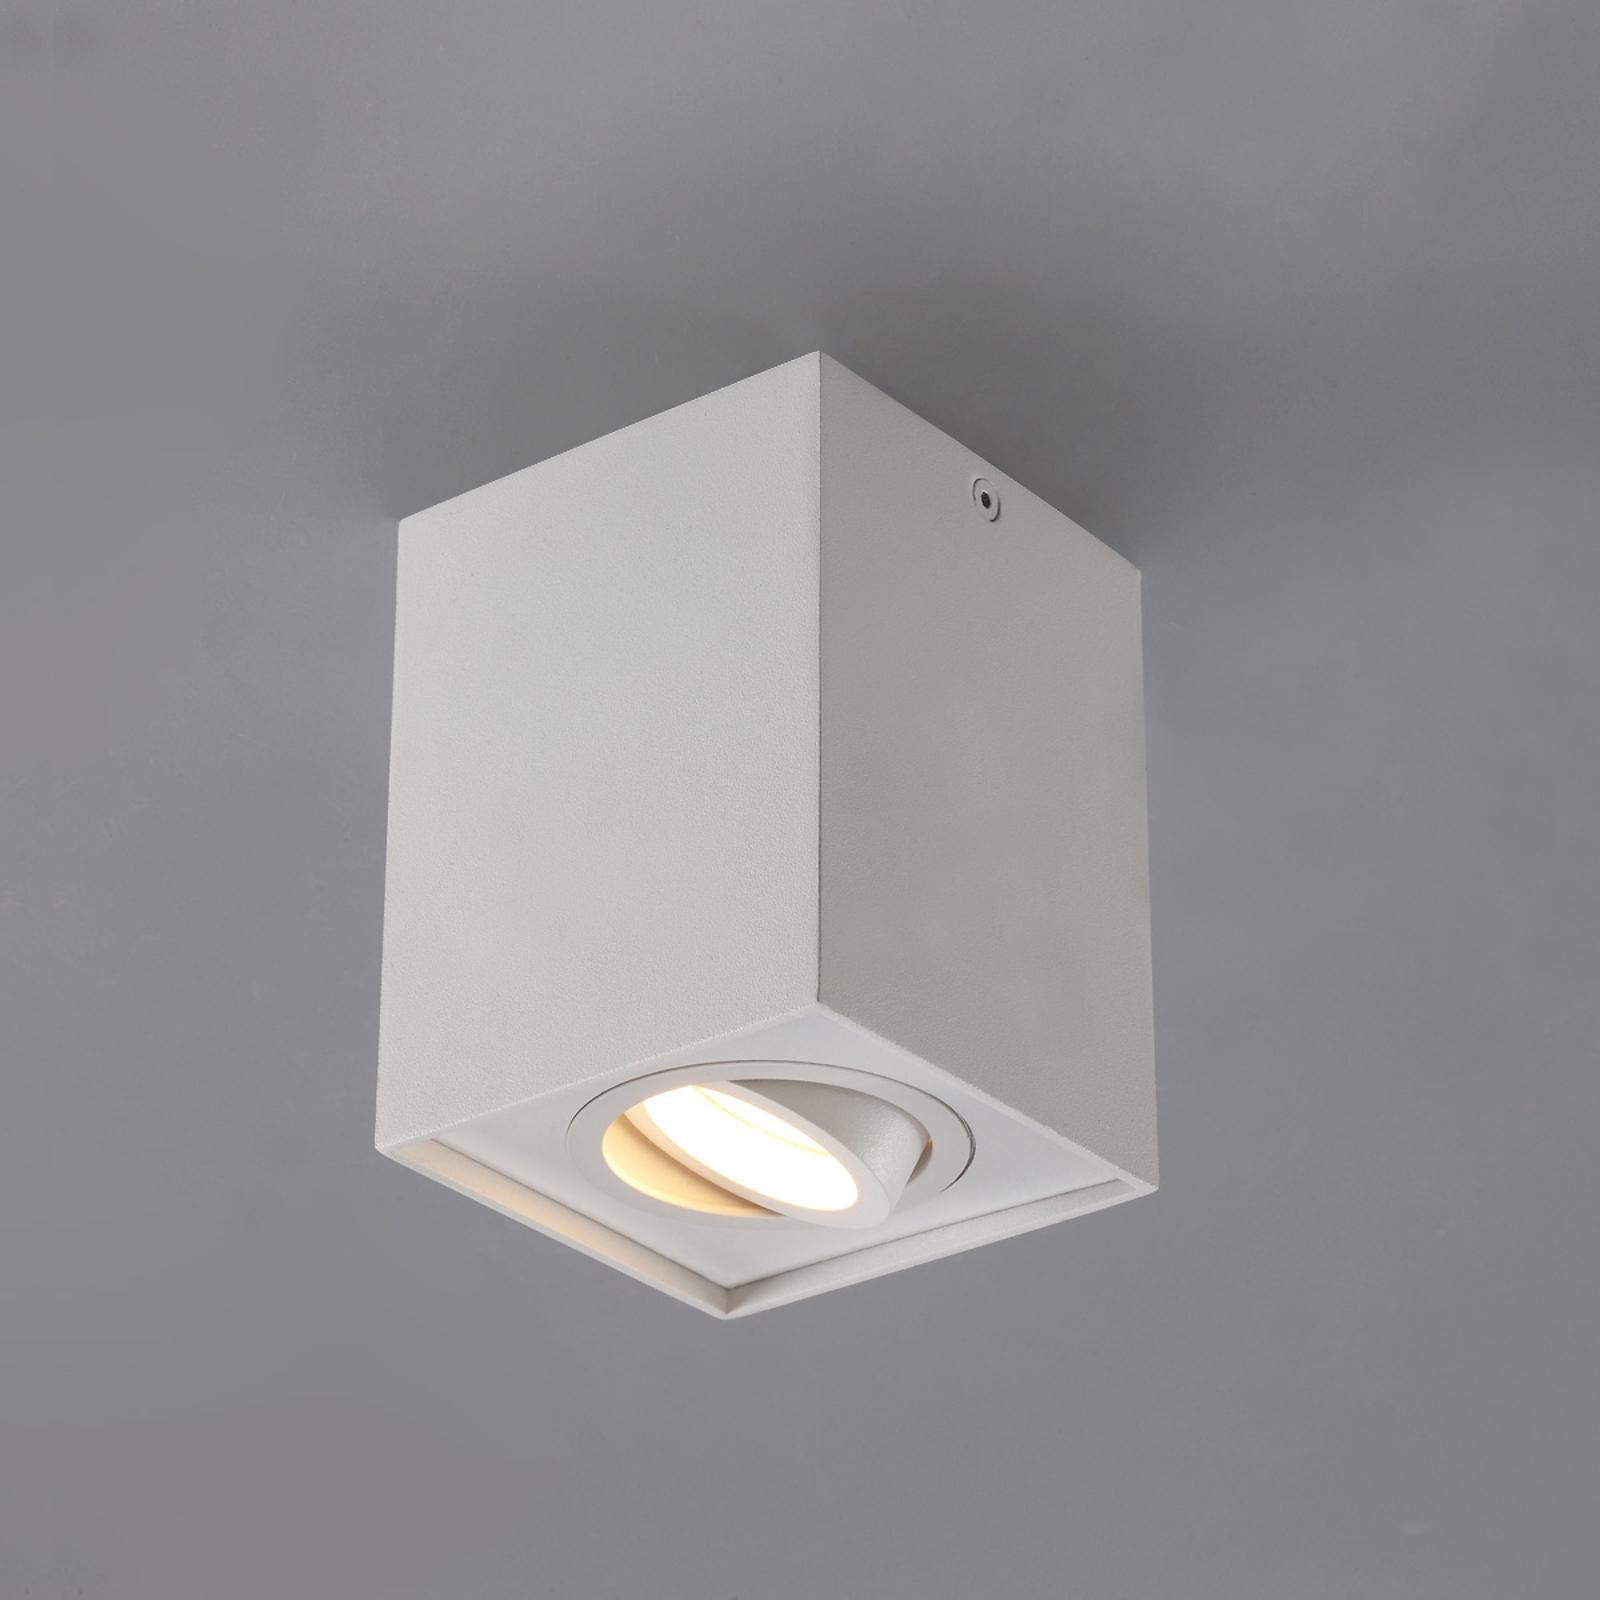 Spot de plafond rectangulaire GU10 Mikail blanc